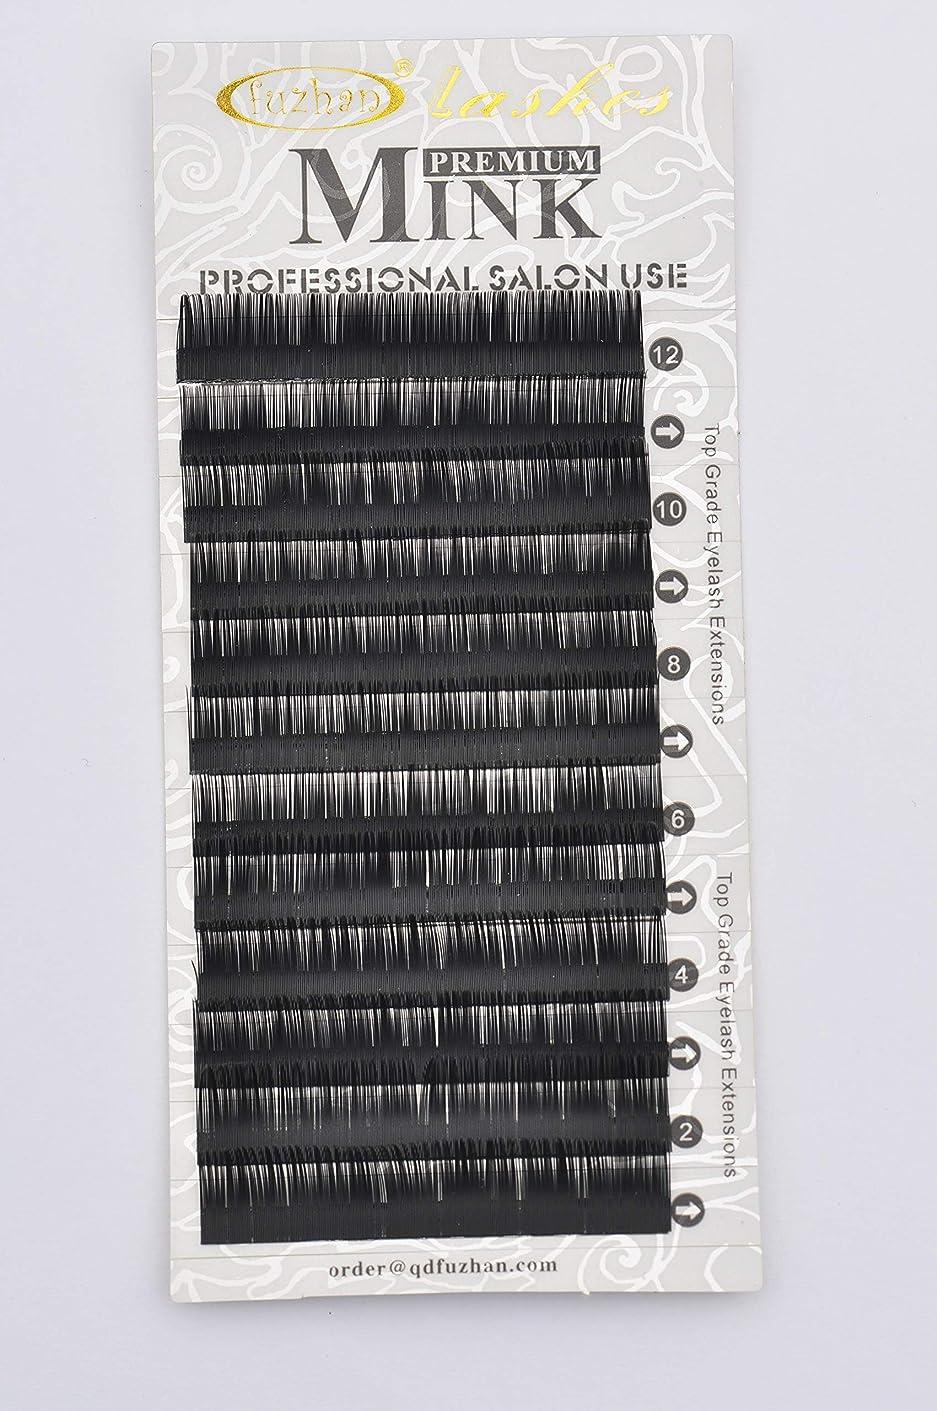 アコード手書き重要性まつげエクステ 太さ0.15mm(カール長さ指定) 高級ミンクまつげ 12列シートタイプ ケース入り (0.15 11mm C)